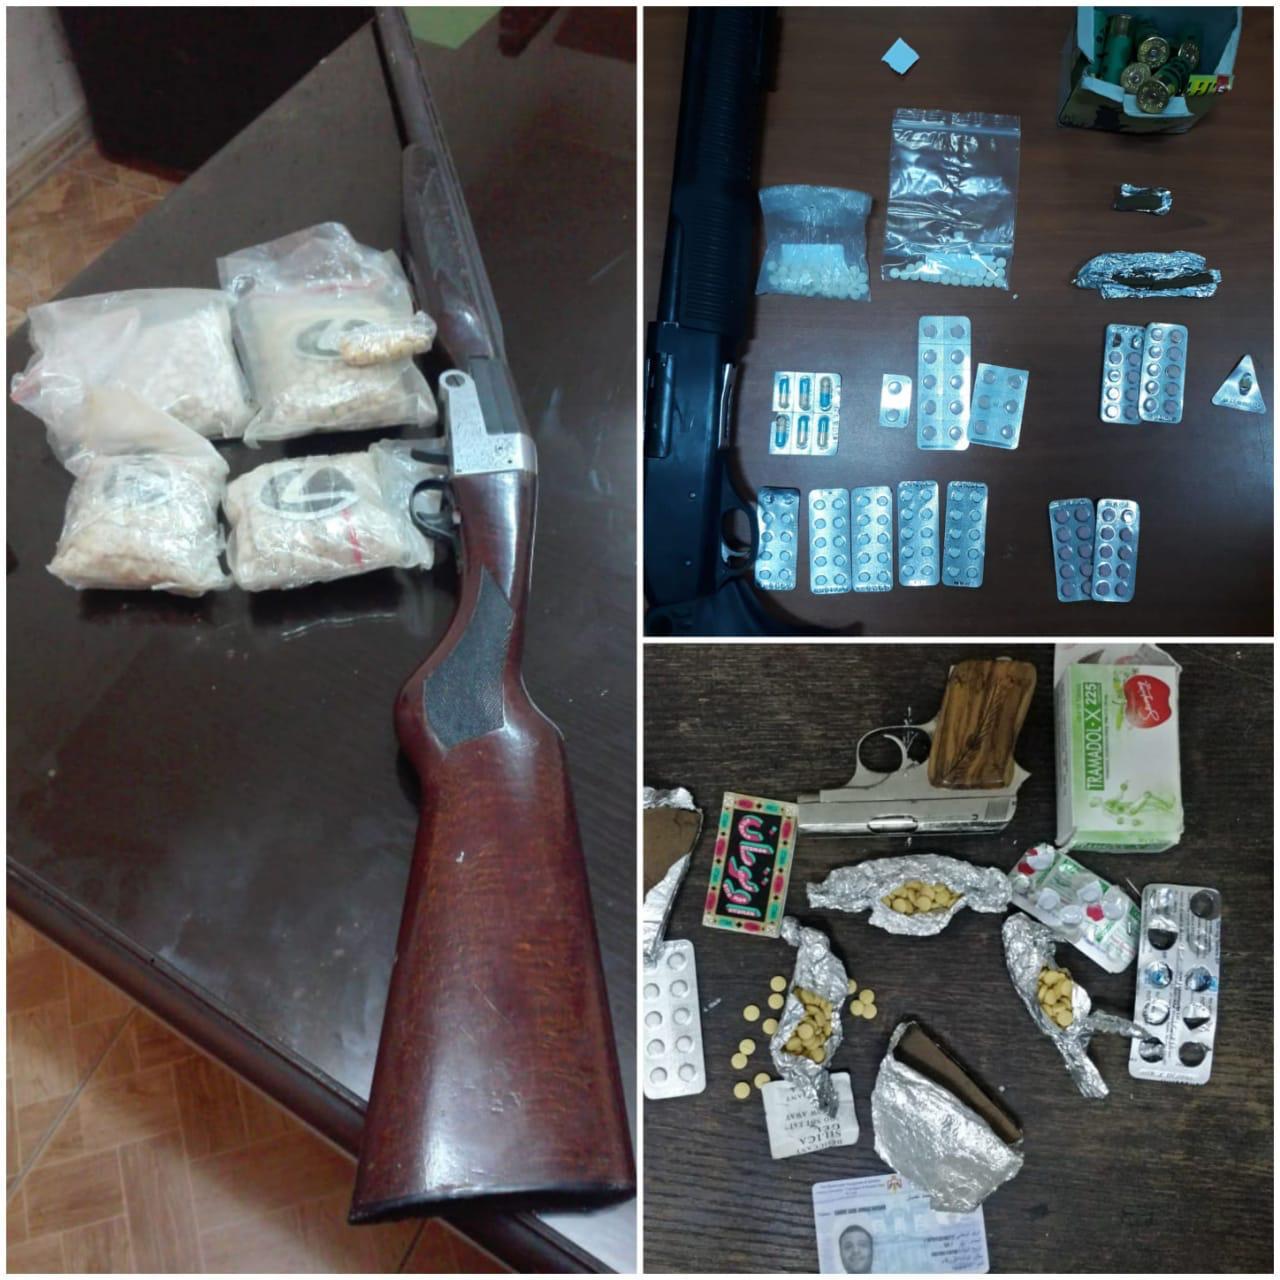 القبض على (17) شخصا من المطلوبين ومروجي المواد المخدرة وضبط اسلحة نارية و مواد مخدرة